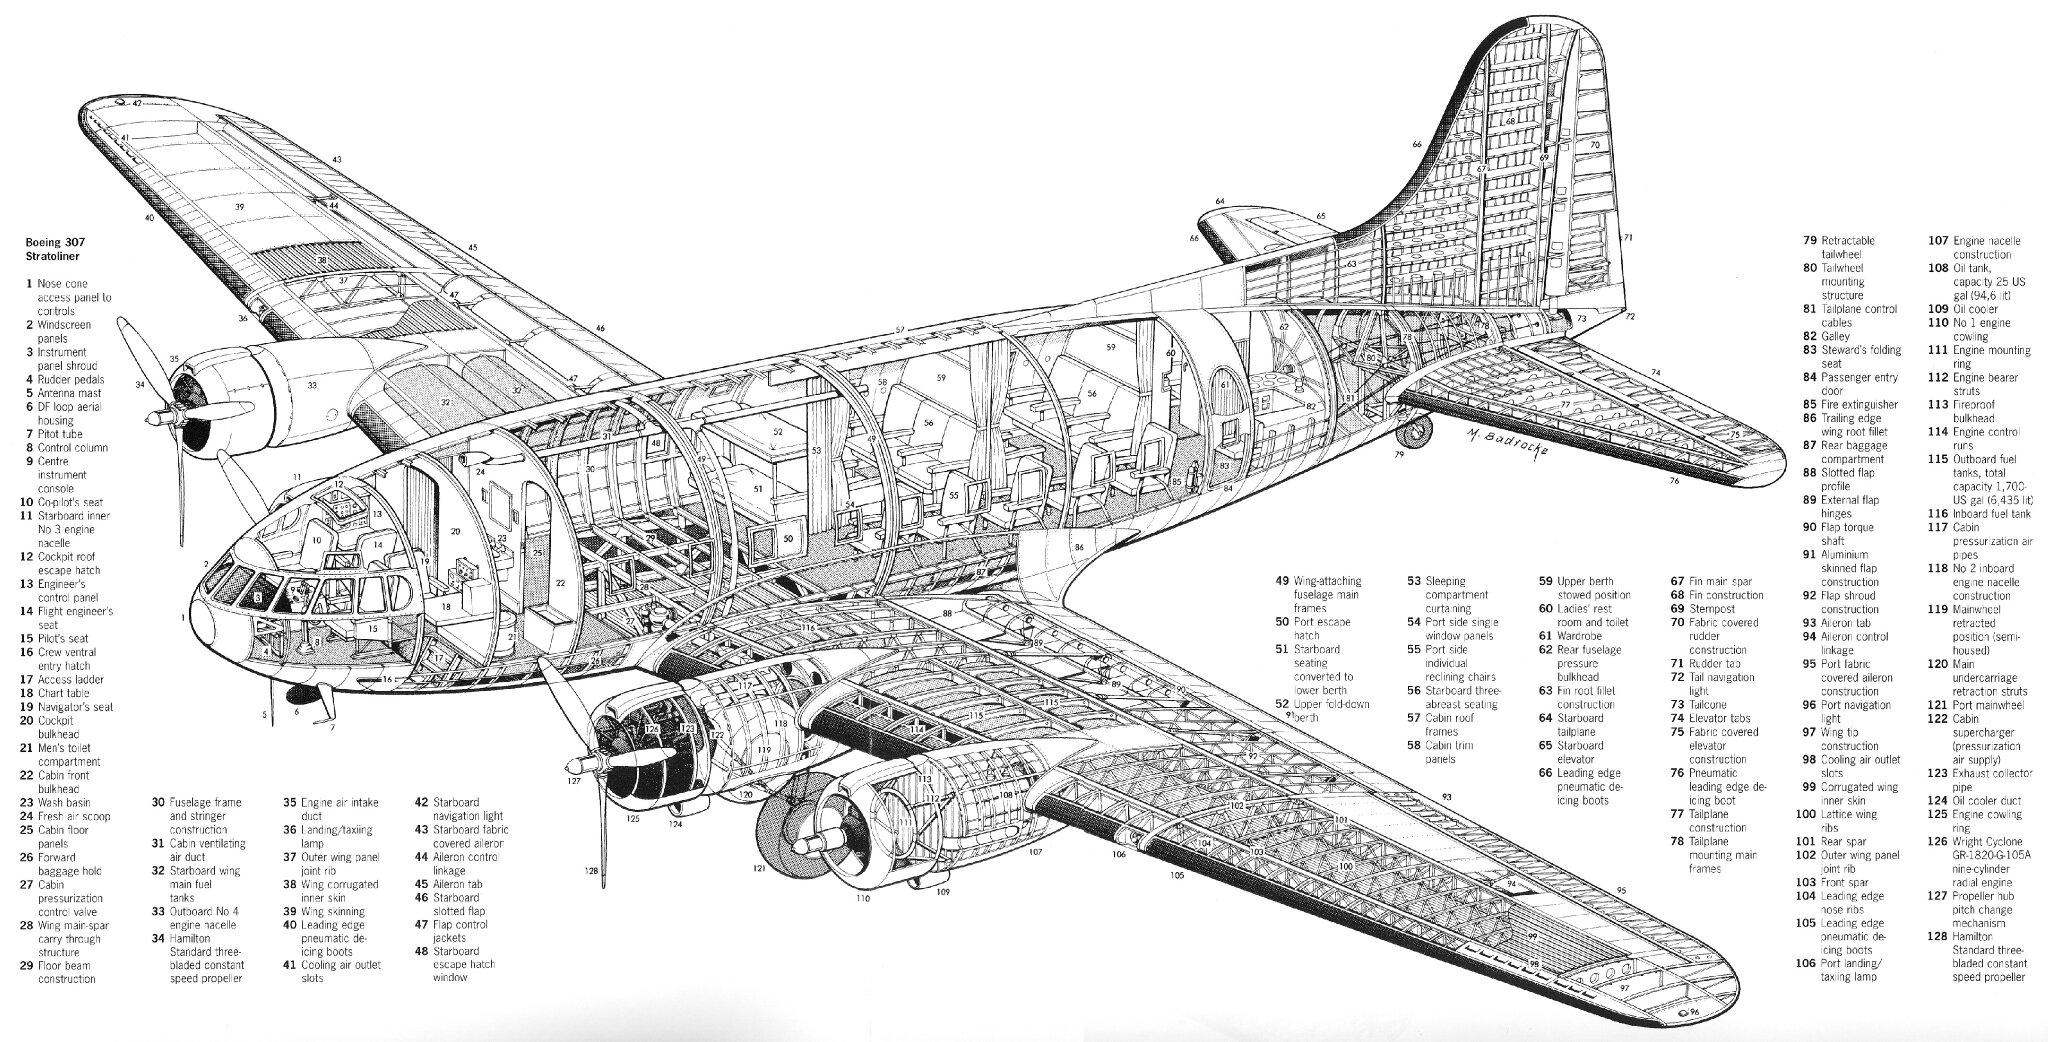 Le Boeing 307 Stratoliner Le Rendez Vous Manque Avec L